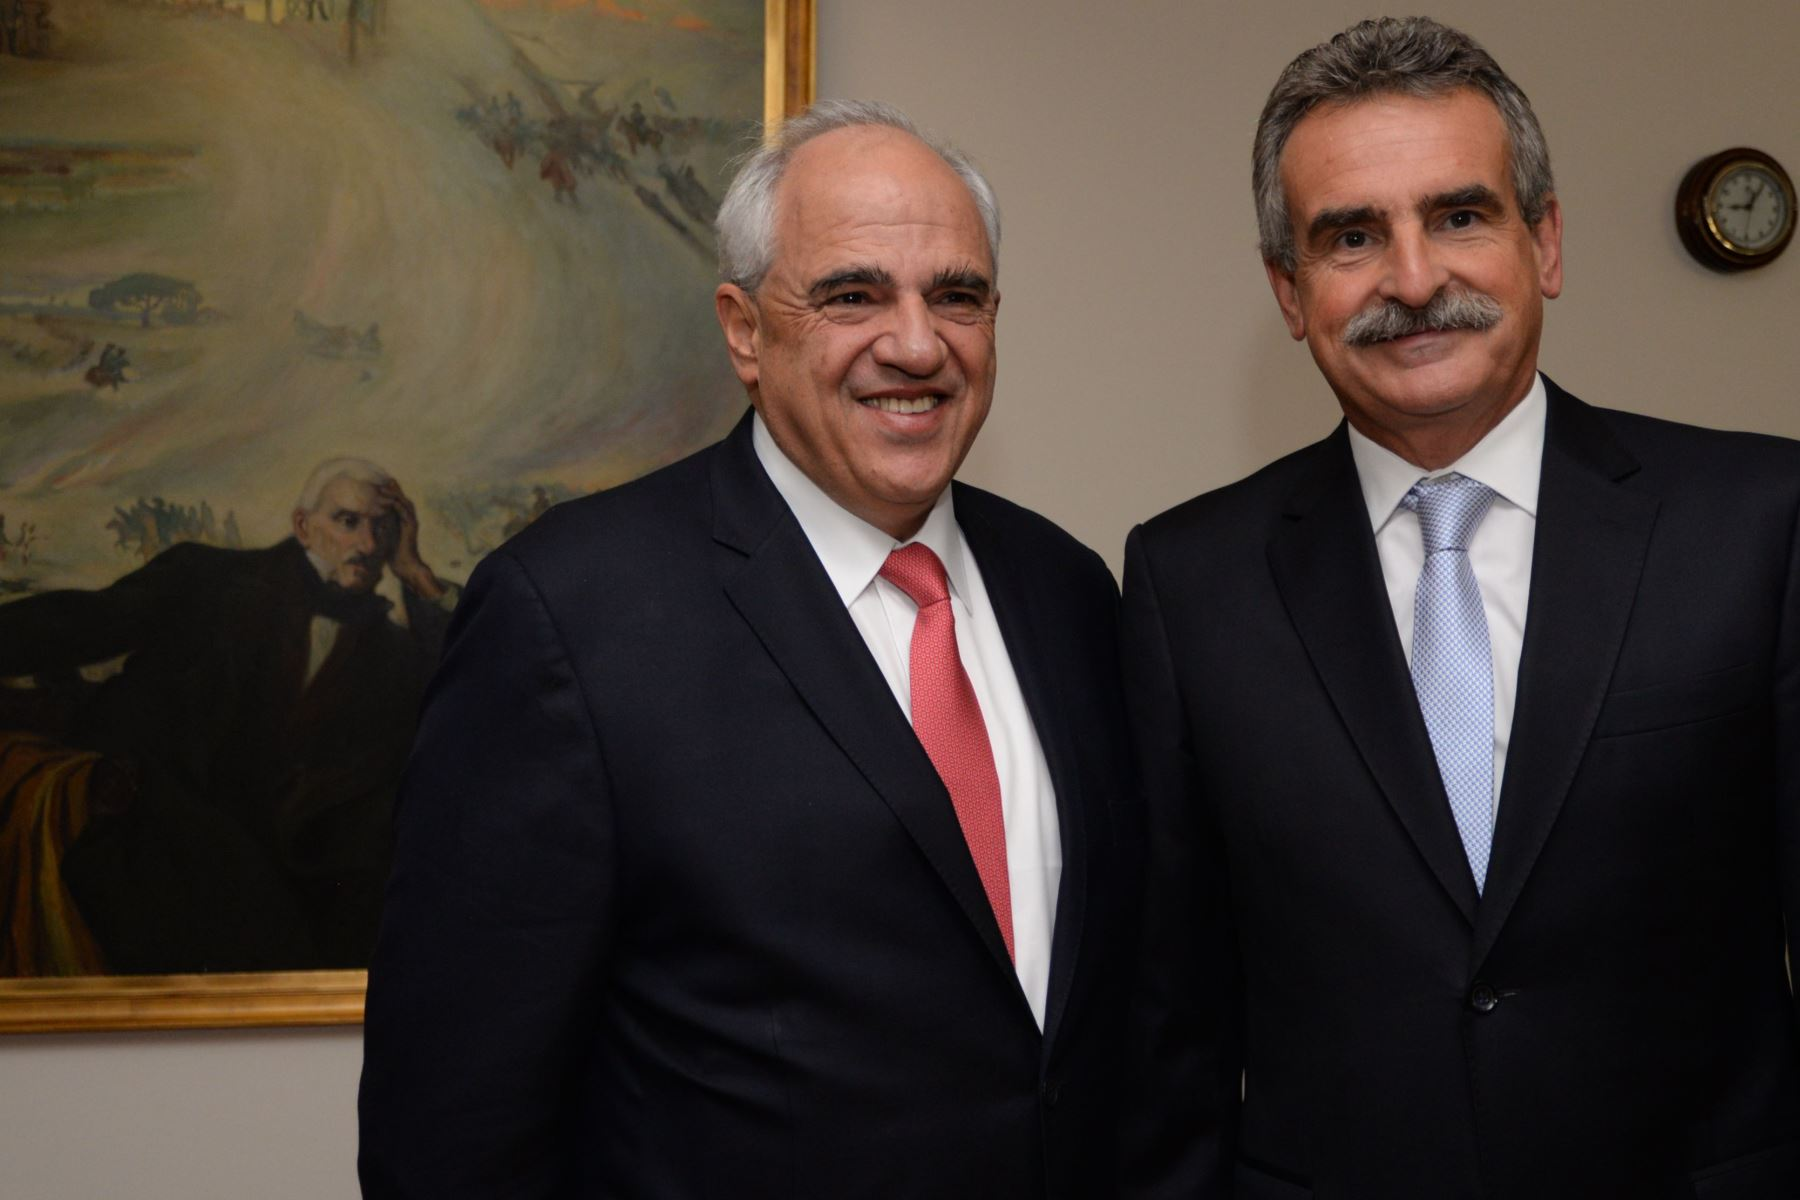 El ministro de Defensa de Argentina, Agustín Rossi, y el secretario general de la Unión de Naciones del Sur (Unasur), Ernesto Samper. Difusión